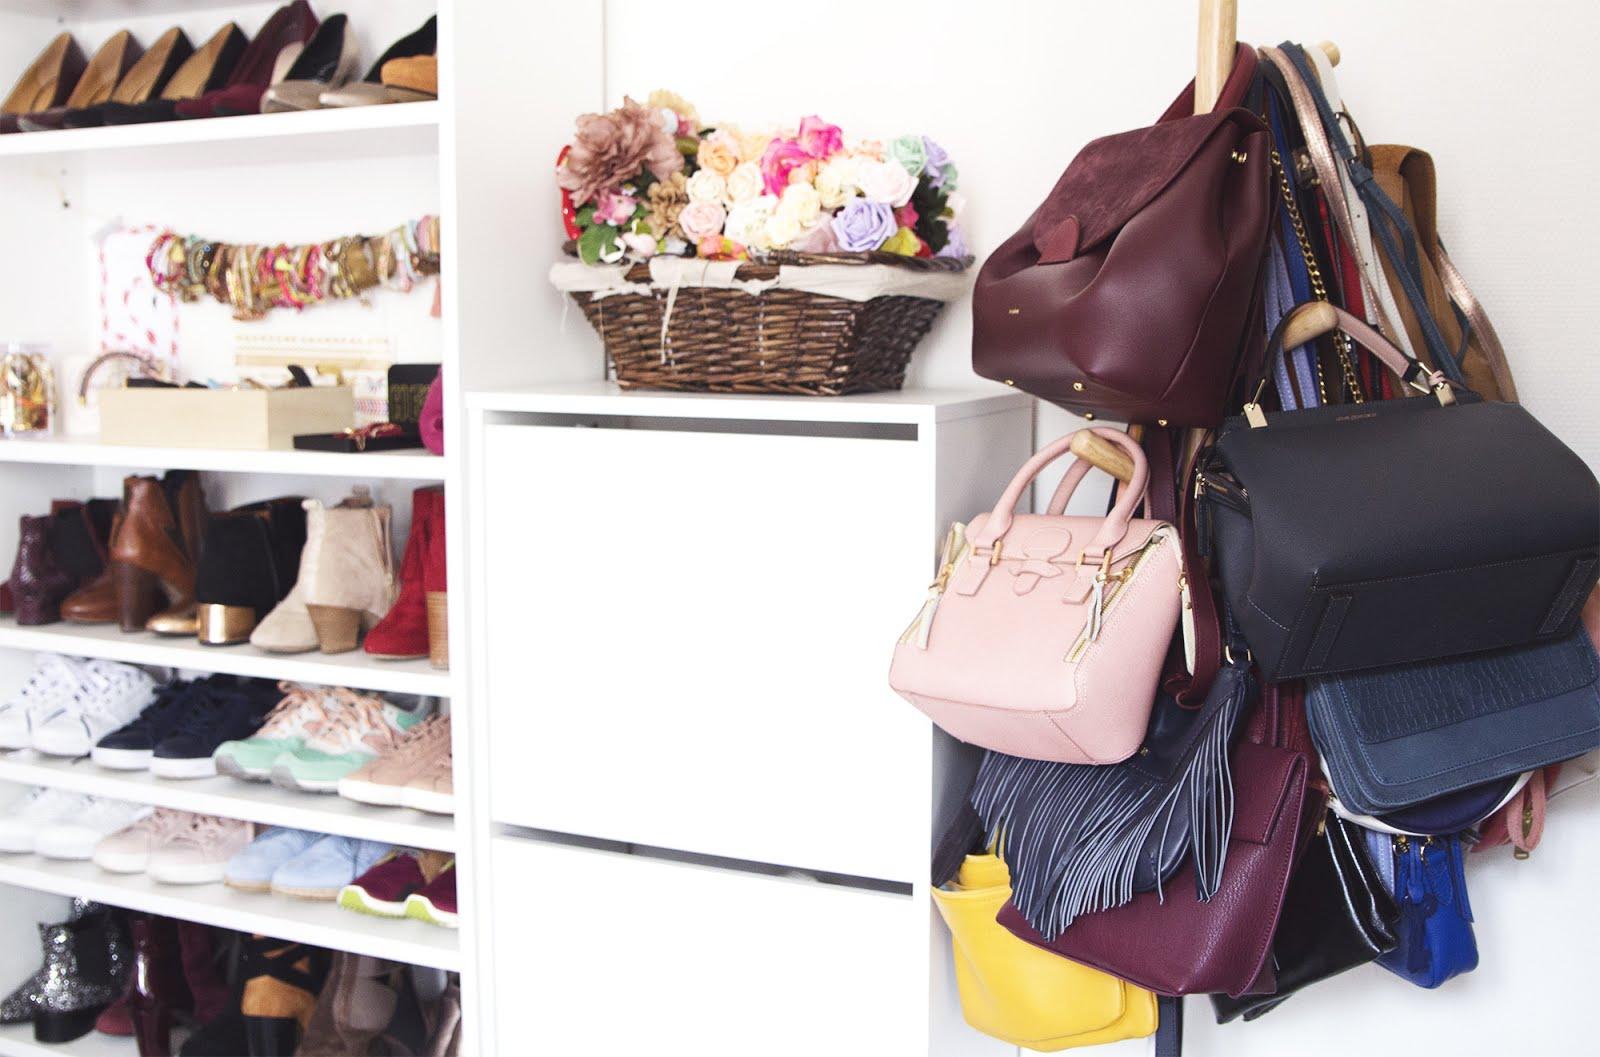 Shopping sacs & chaussures | La Penderie de Chloe